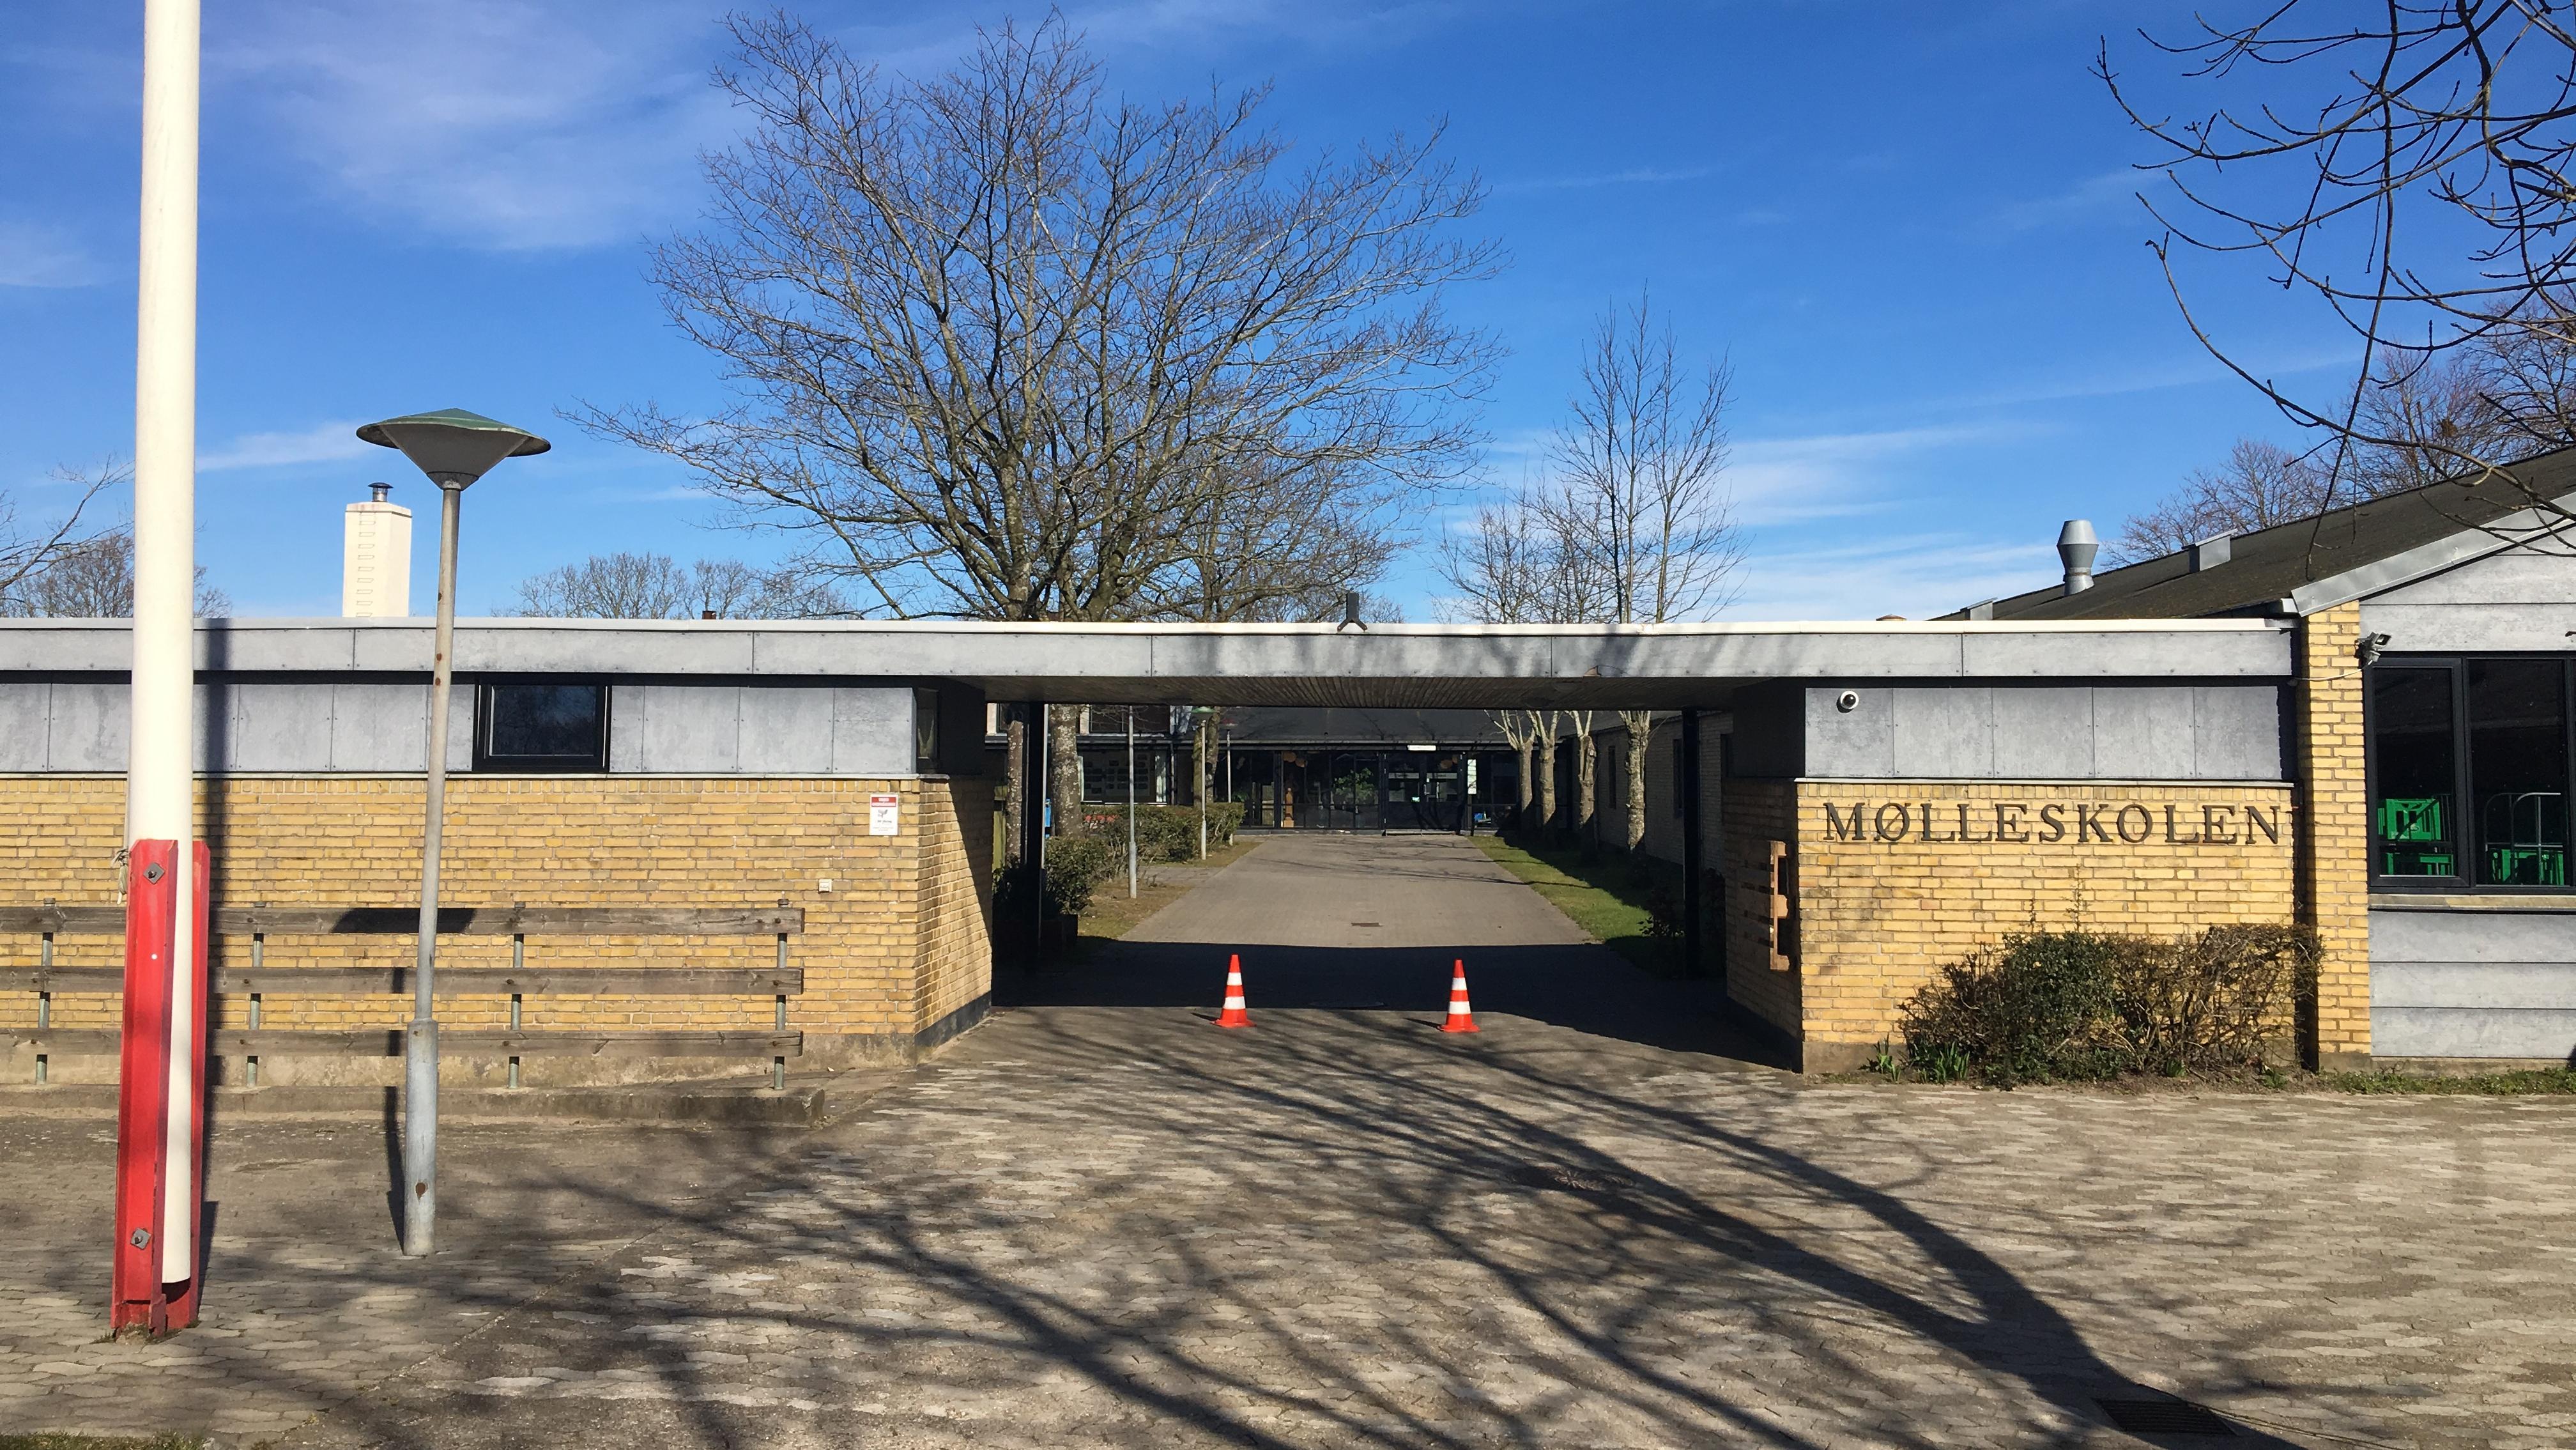 Mølleskolen i Norddjurs Kommune